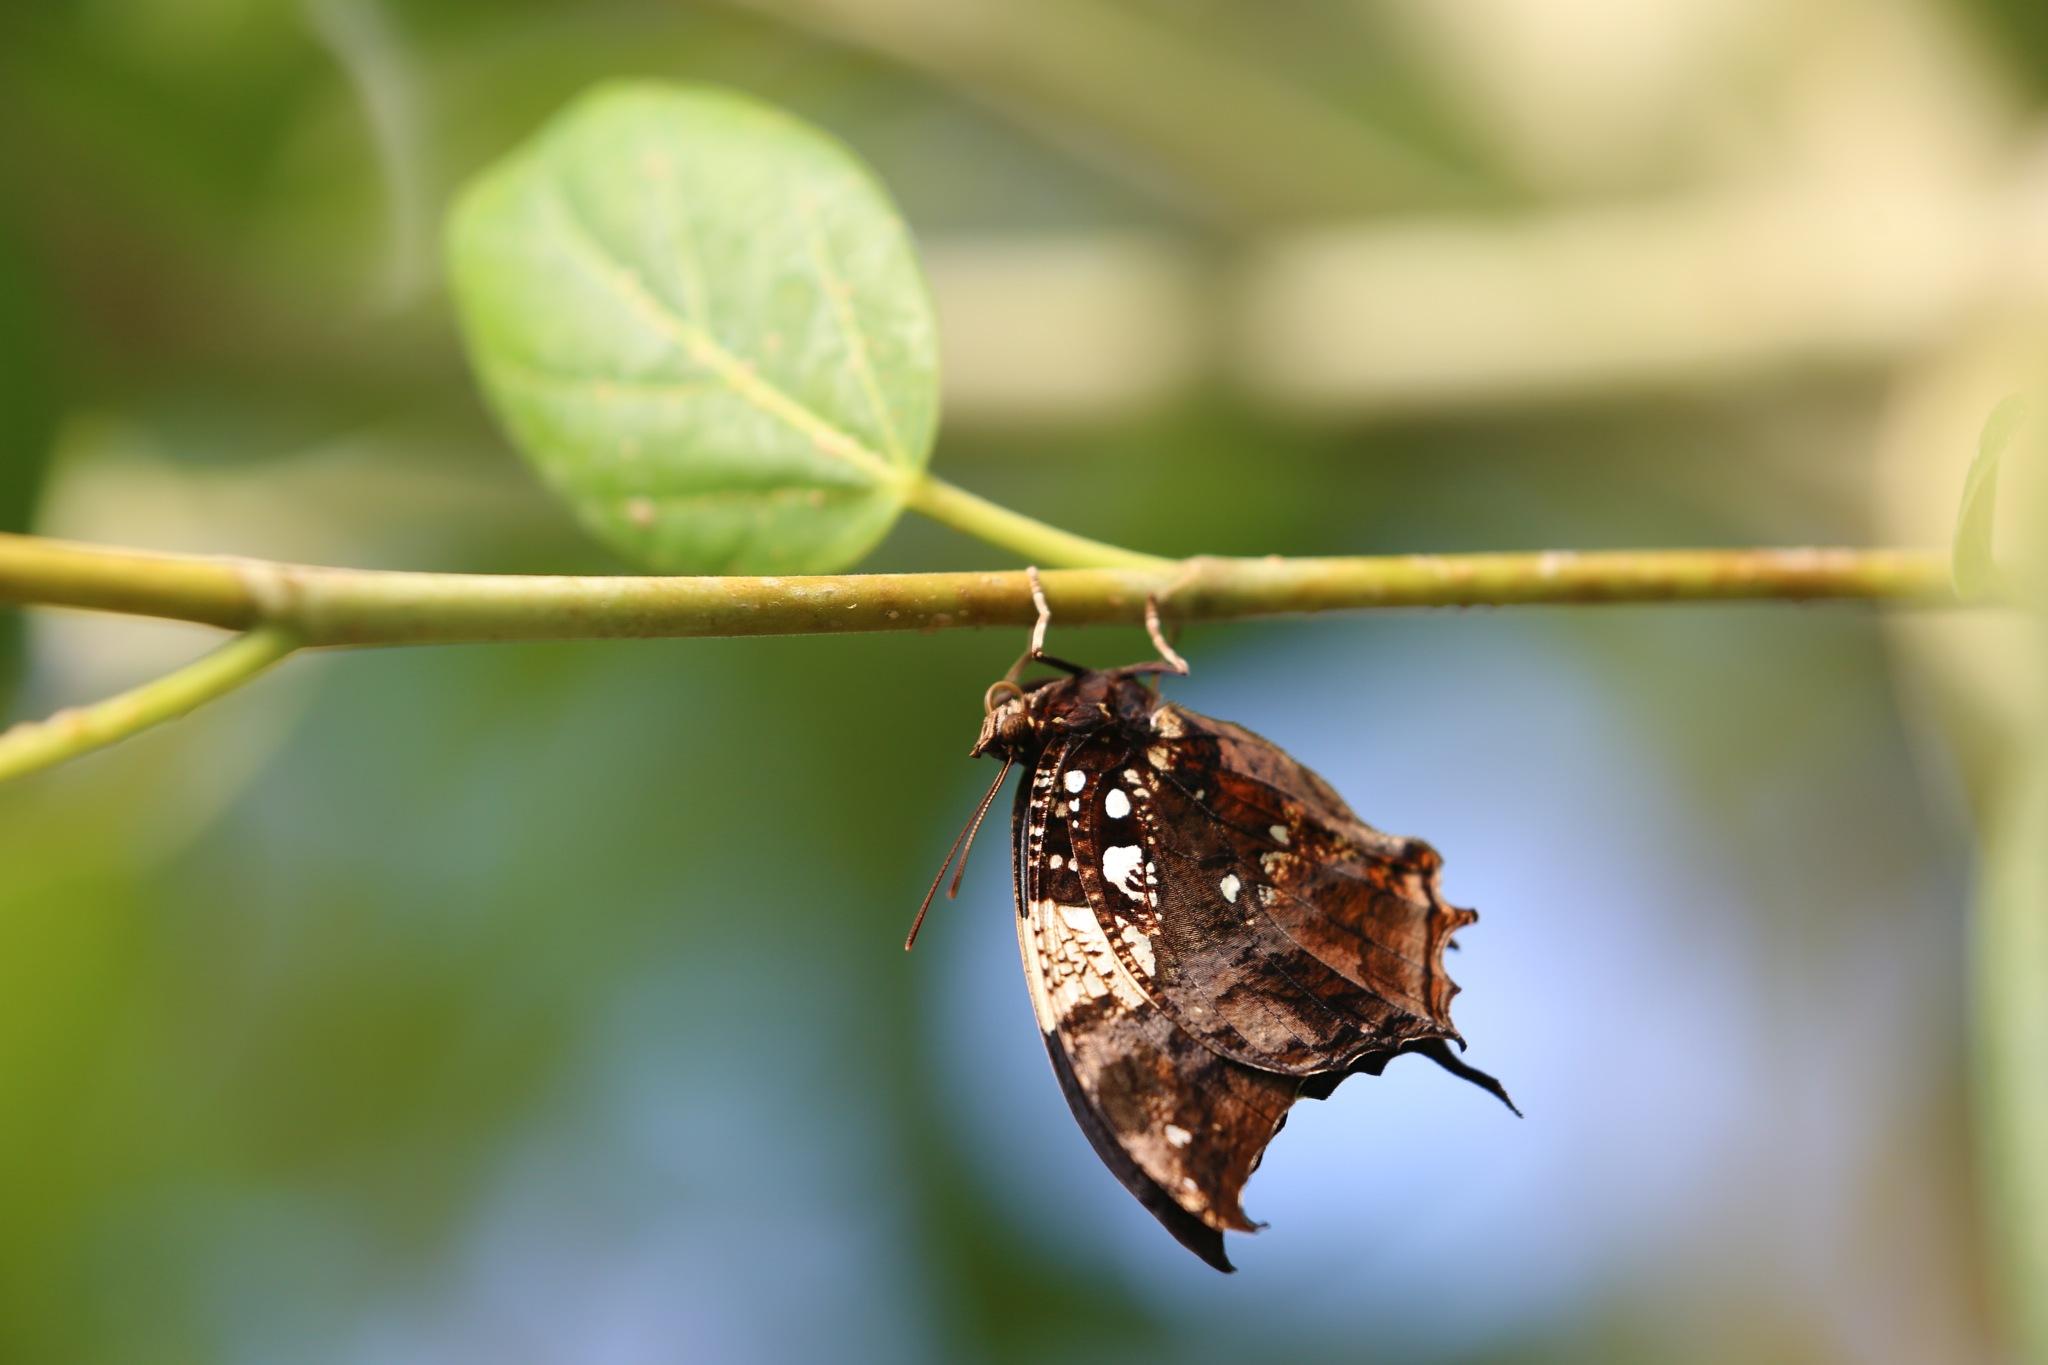 butterfly by Felix Jean Touboul